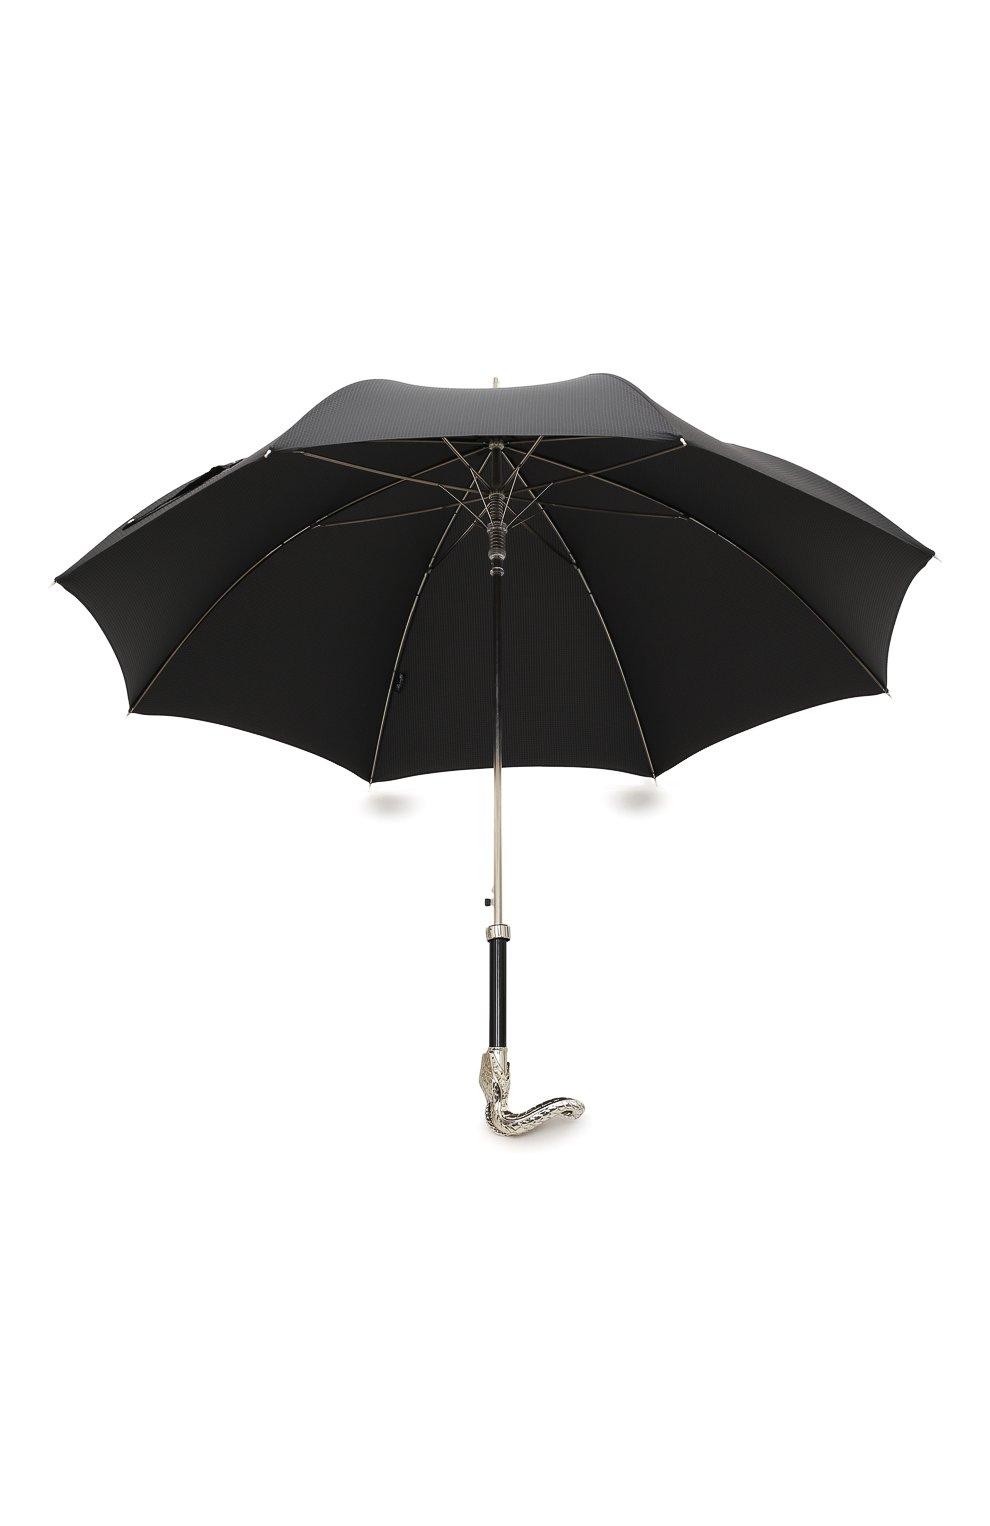 Мужской зонт-трость PASOTTI OMBRELLI черного цвета, арт. 478/NIAGARA 7079/8/W09 | Фото 3 (Материал: Текстиль, Синтетический материал, Металл; Статус проверки: Проверено, Проверена категория)